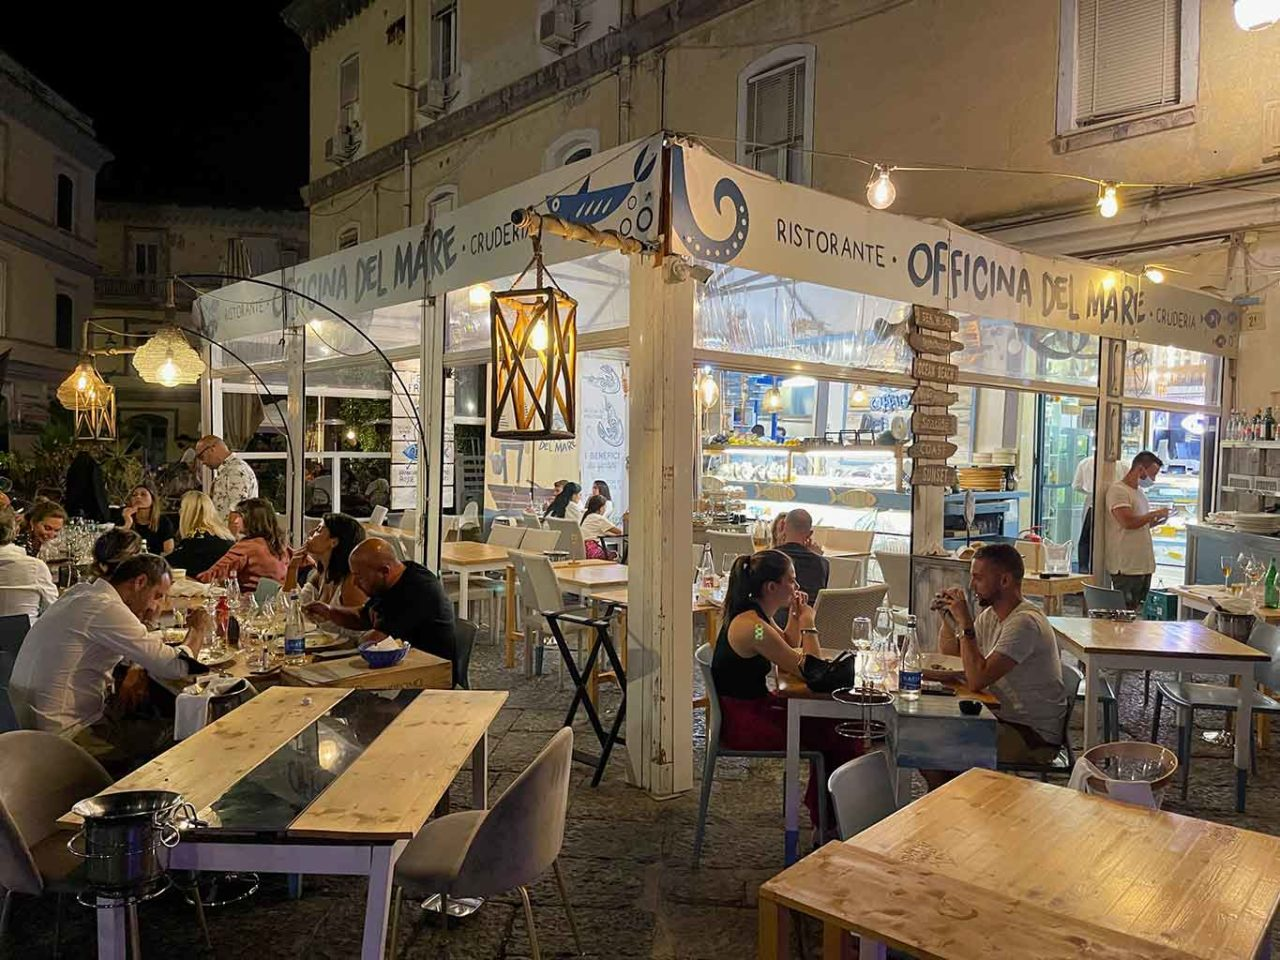 Officina del Mare ristorante Napoli Borgo Marinari